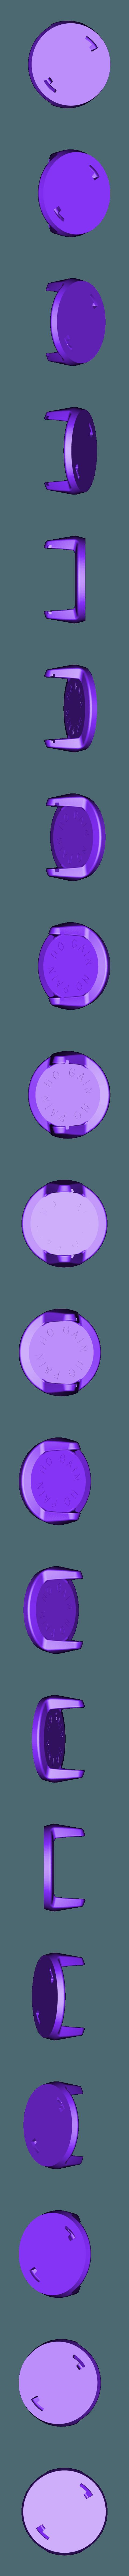 Poignée No pain no gain.STL Télécharger fichier STL gratuit Poignée pour pompe (Push up bar) • Modèle pour impression 3D, Mathieu_BZH